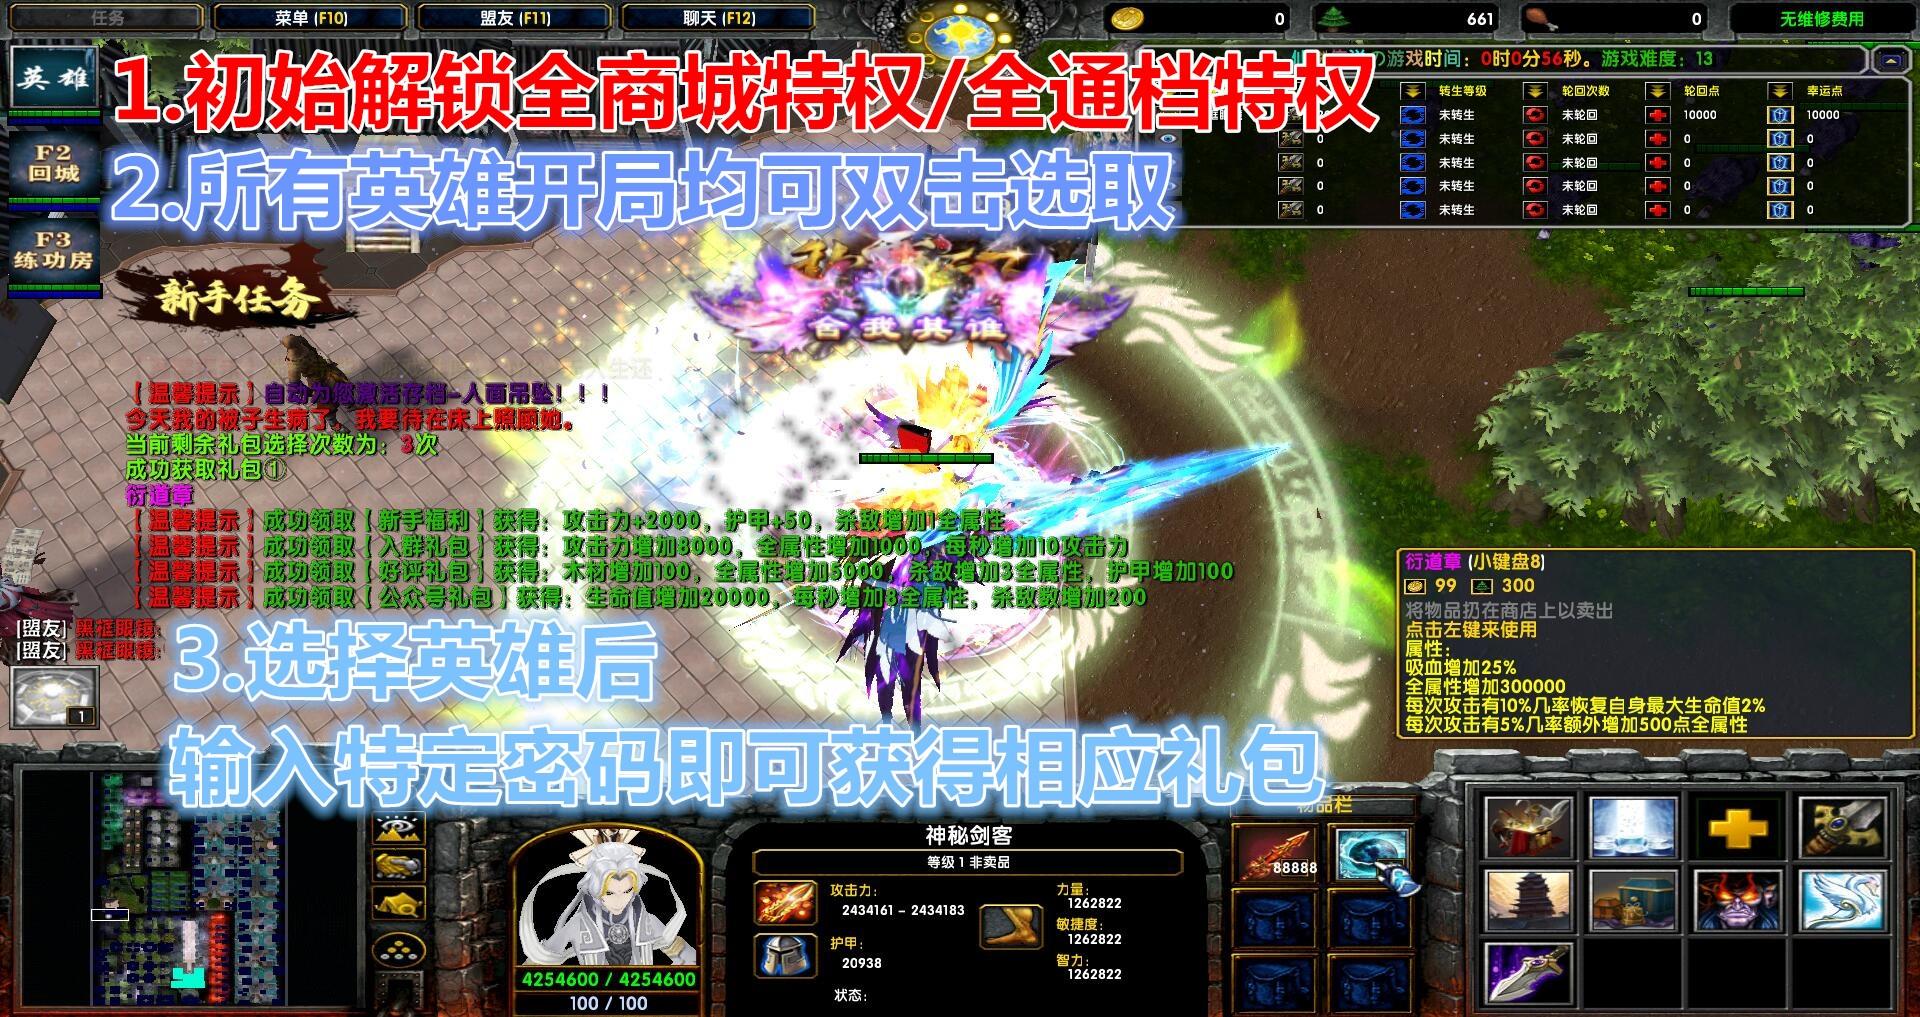 仙剑传说v4.0黑式破解